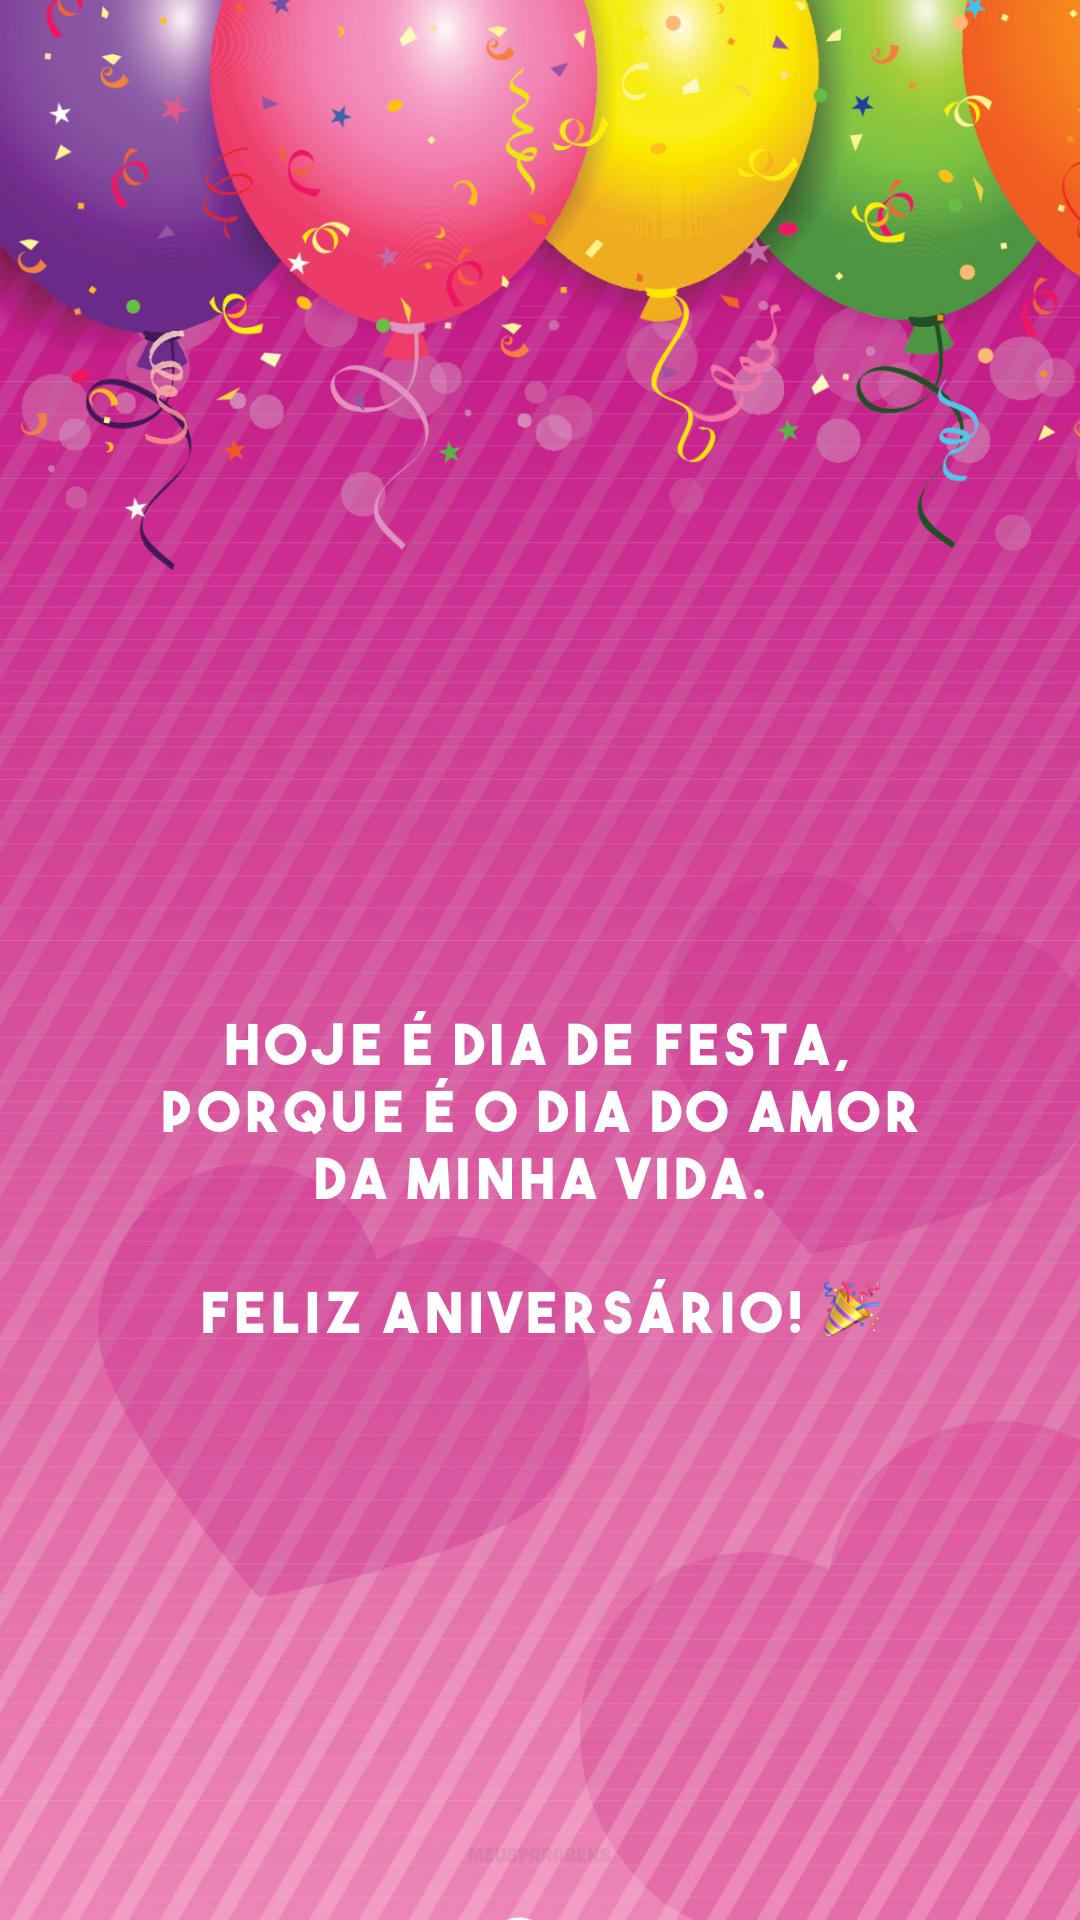 Hoje é dia de festa, porque é o dia do amor da minha vida. Feliz aniversário! 🎉